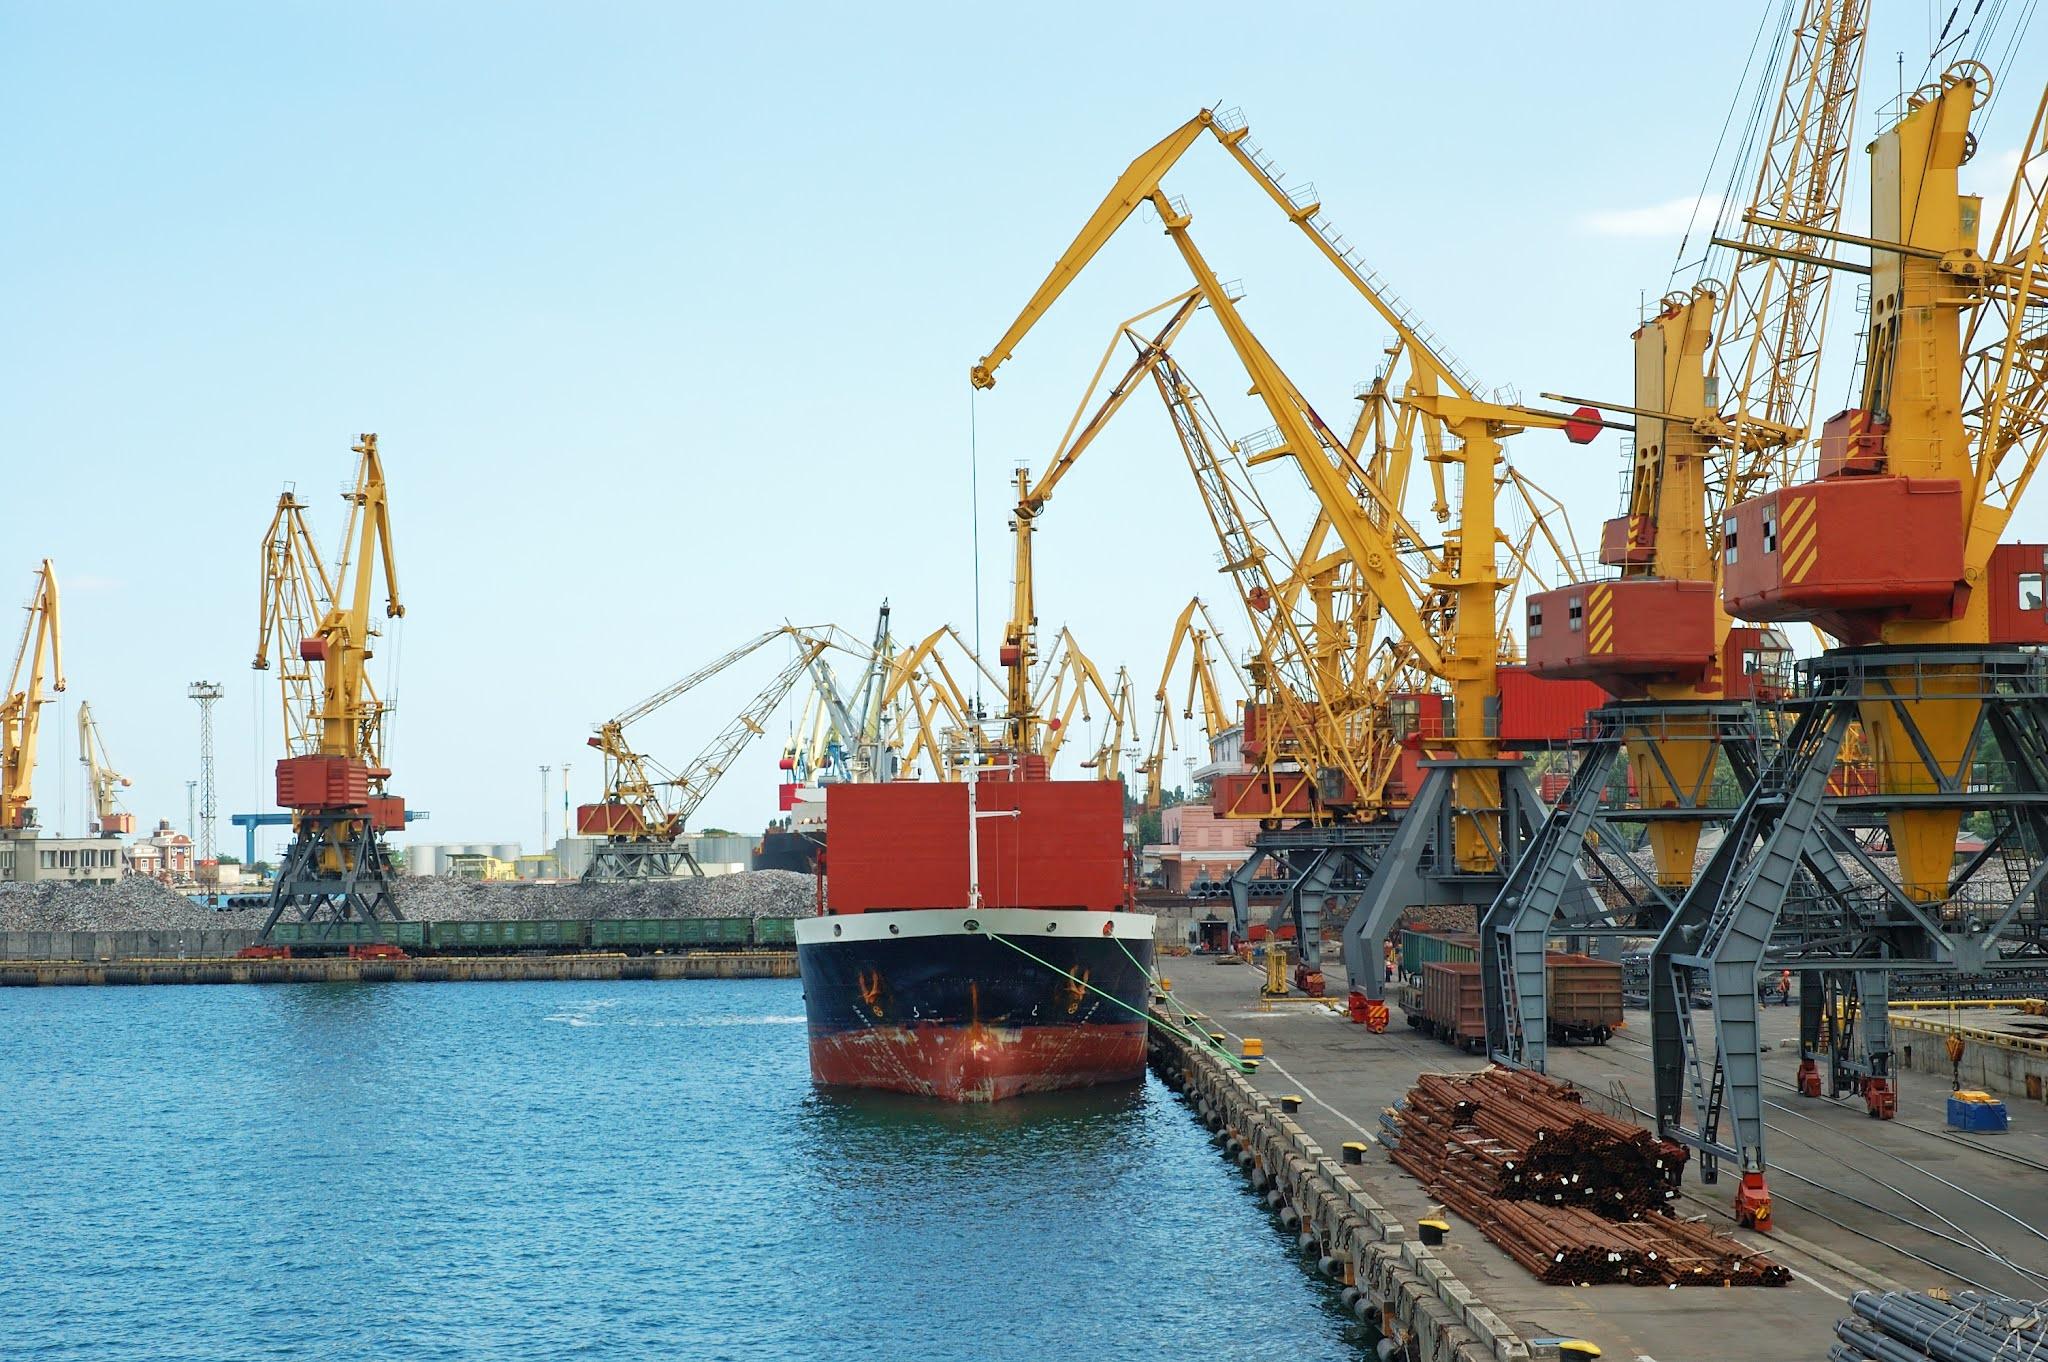 موانئ دبي Dubai العالمية المحدودة تعلن عن نتائج مالية قوية في النصف الأول